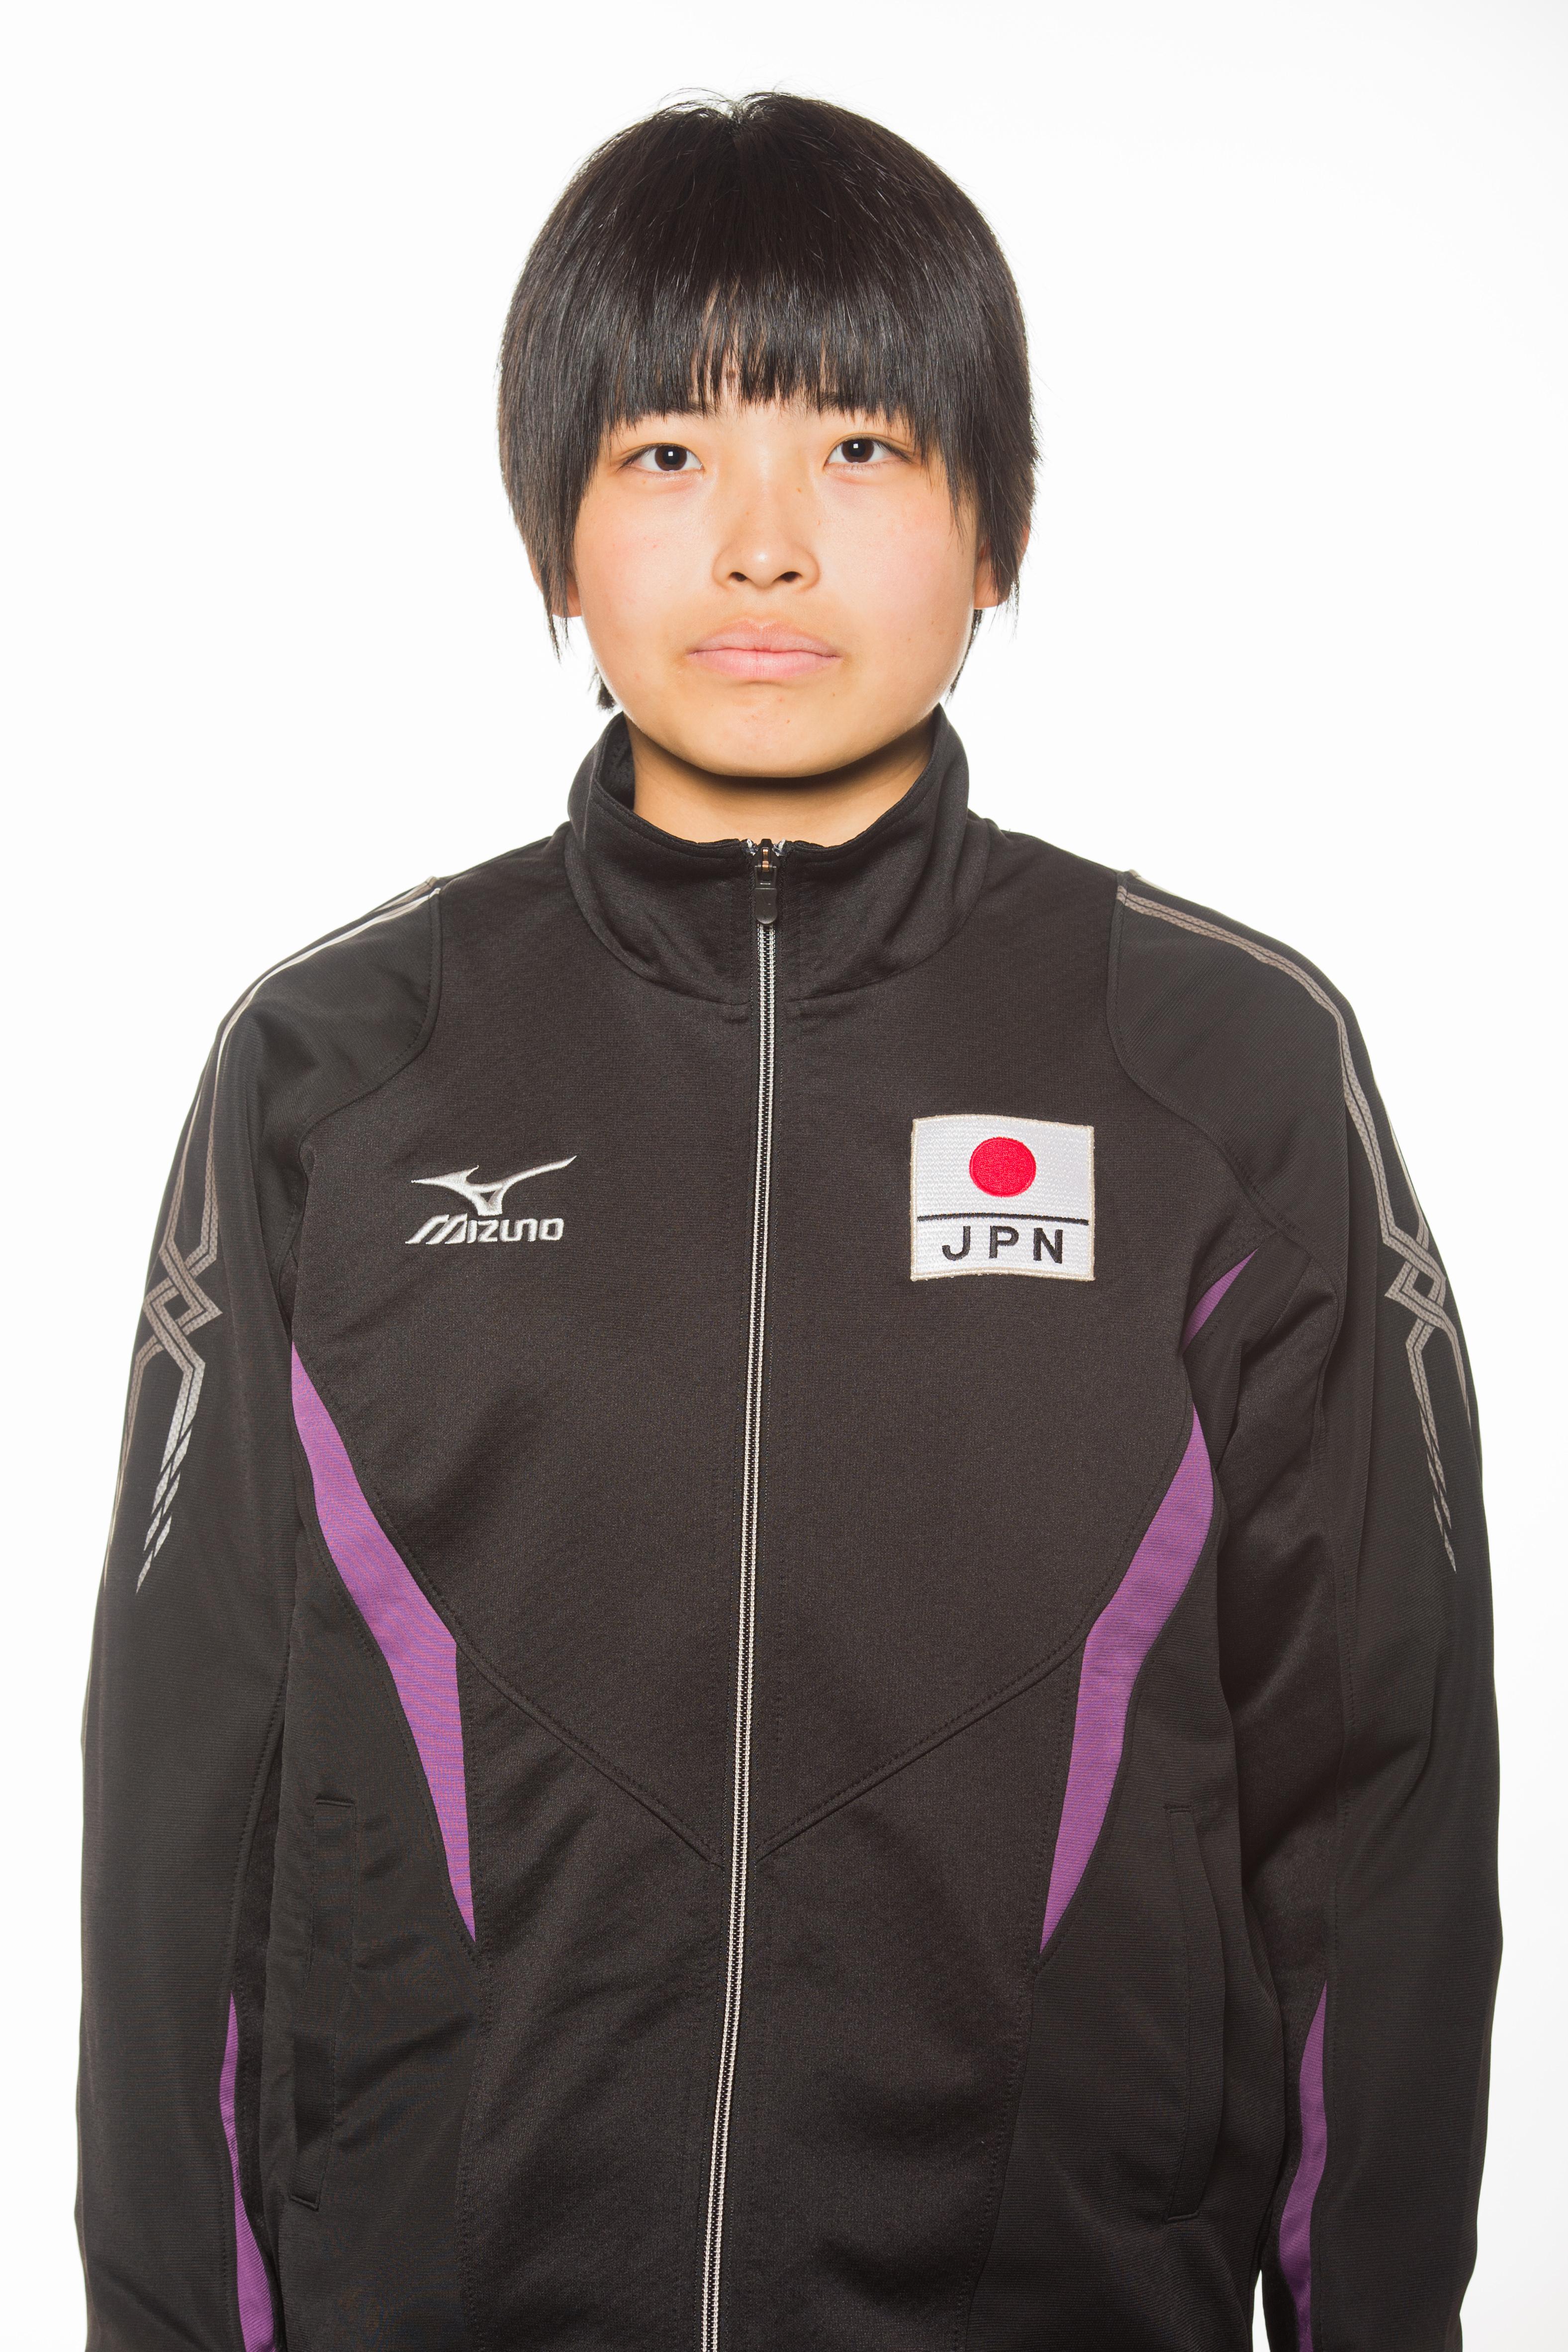 Miku Shimada